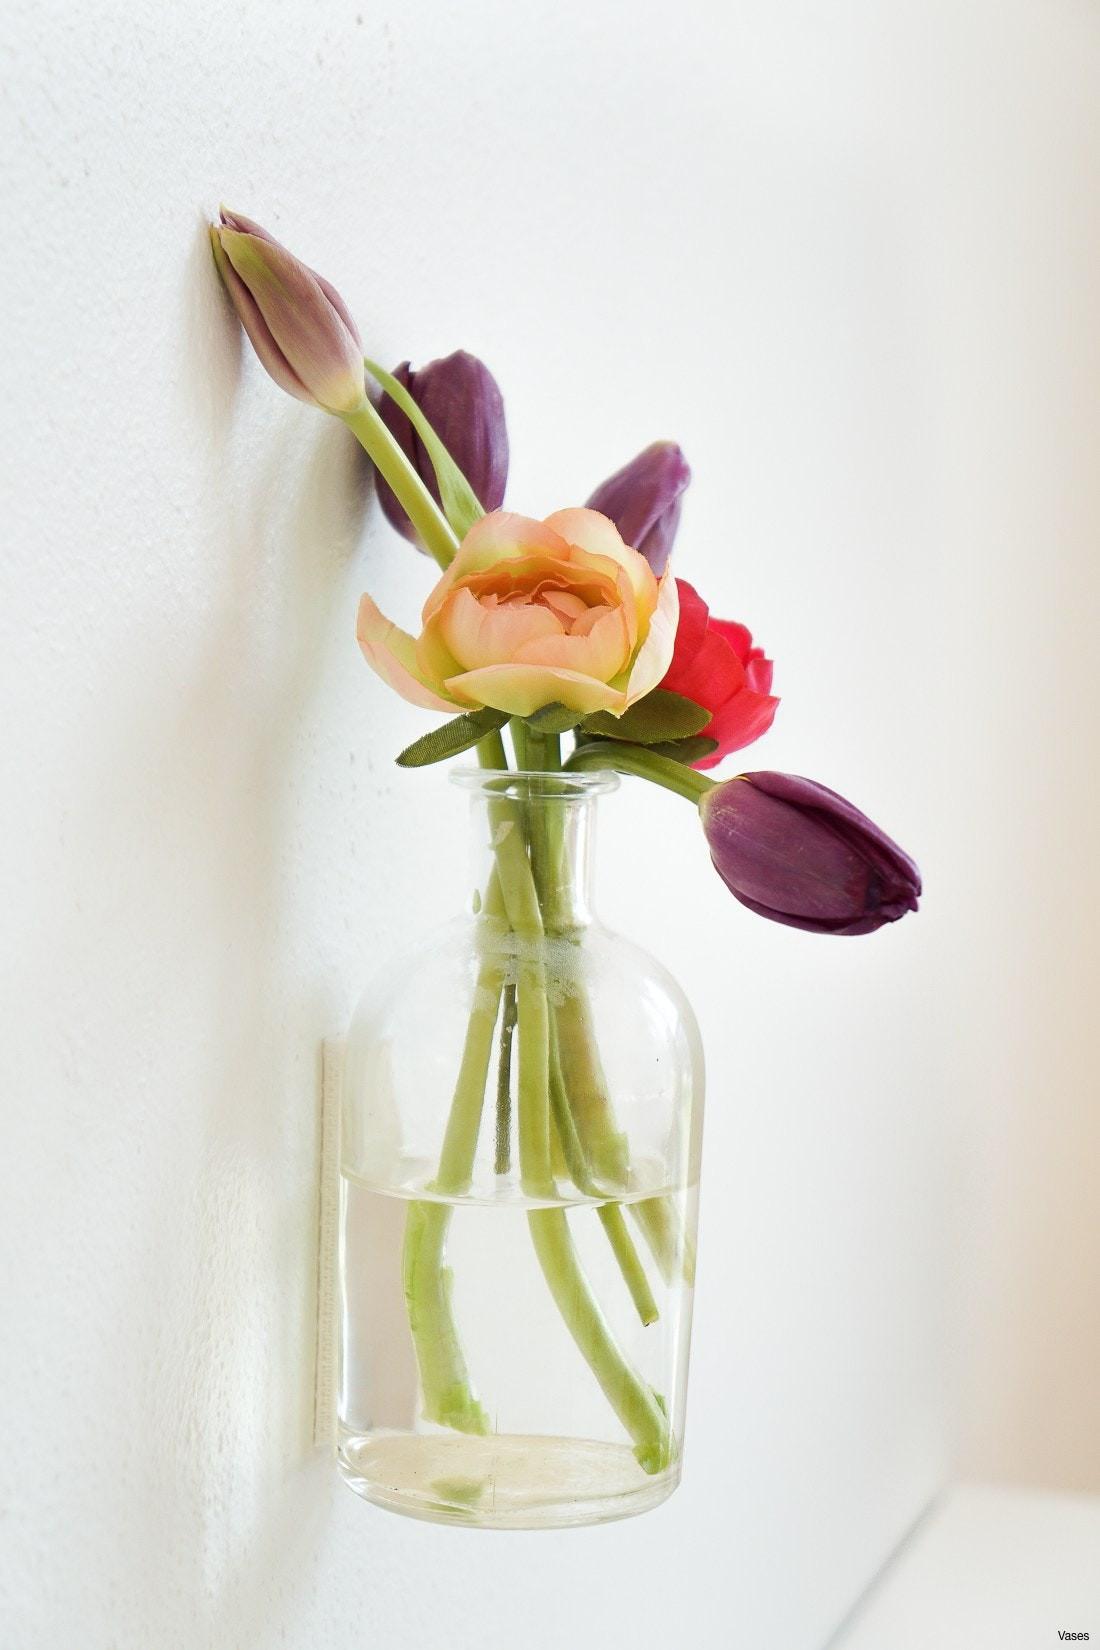 tiny glass bud vases of 10 best of small white flower vase bogekompresorturkiye com for il fullxfull l7e9h vases wall flower vase zoomi 0d decor inspiration scheme beautiful flower bouquet